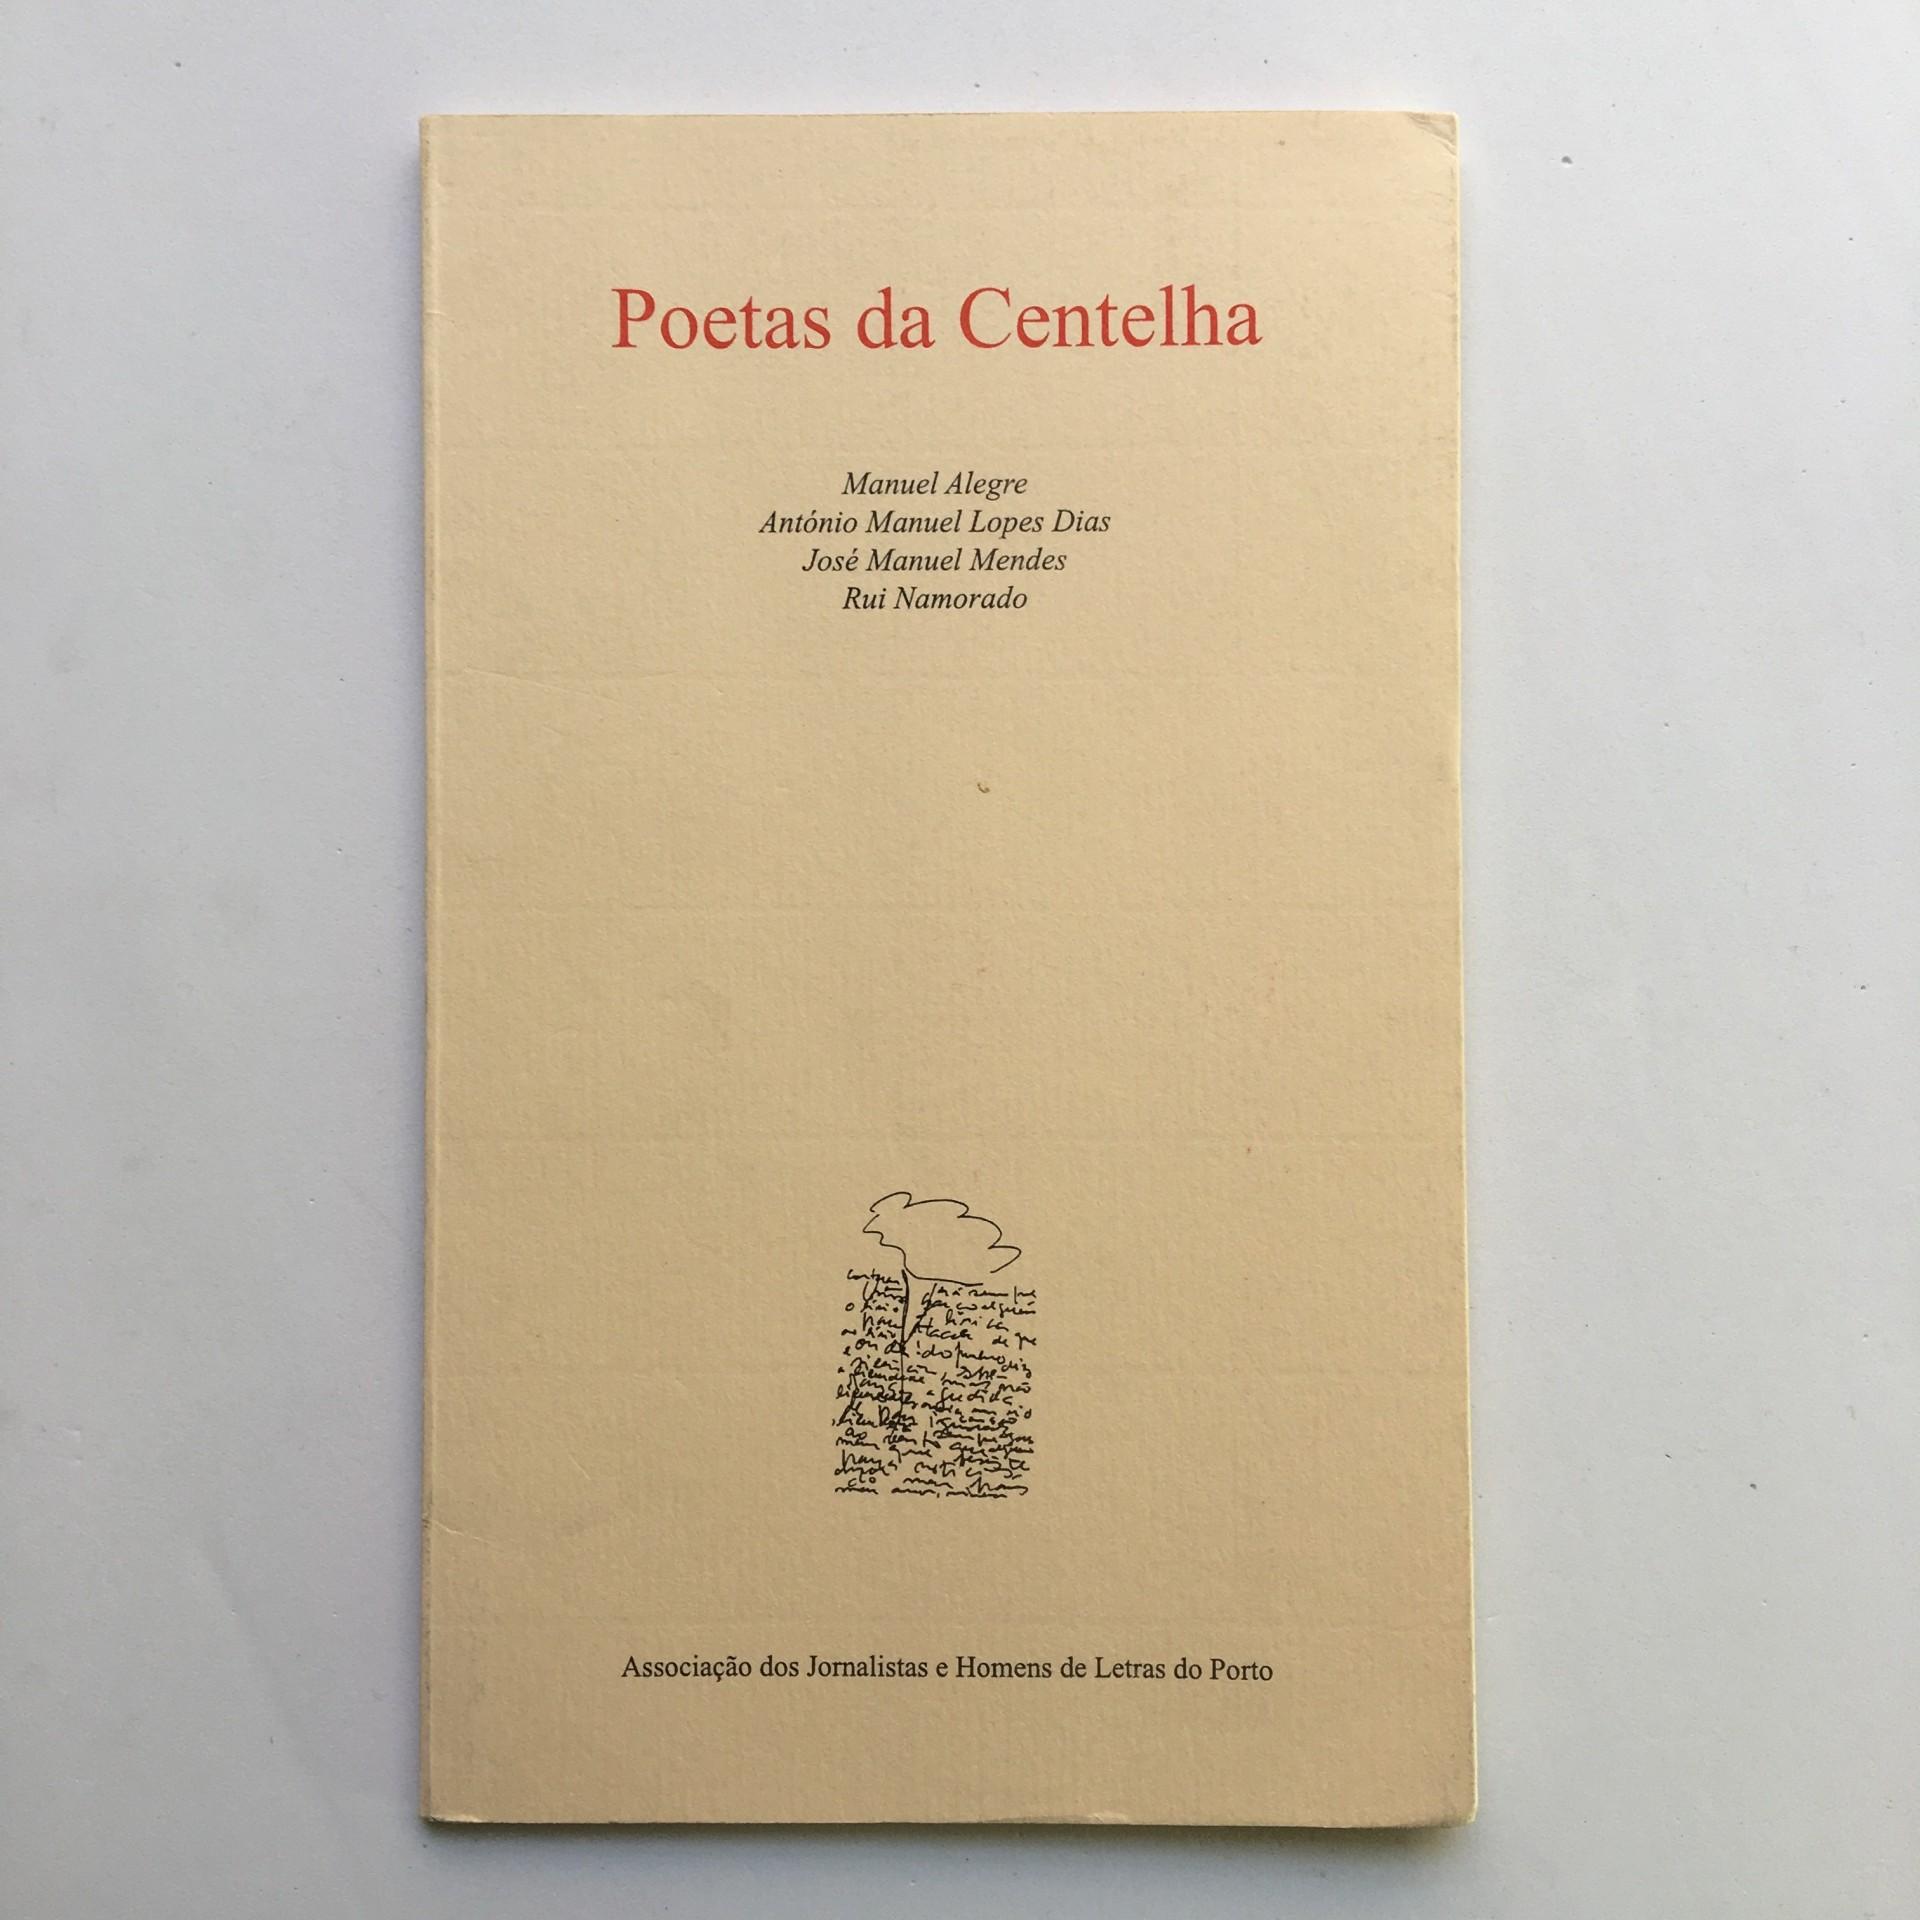 Poetas da Centelha